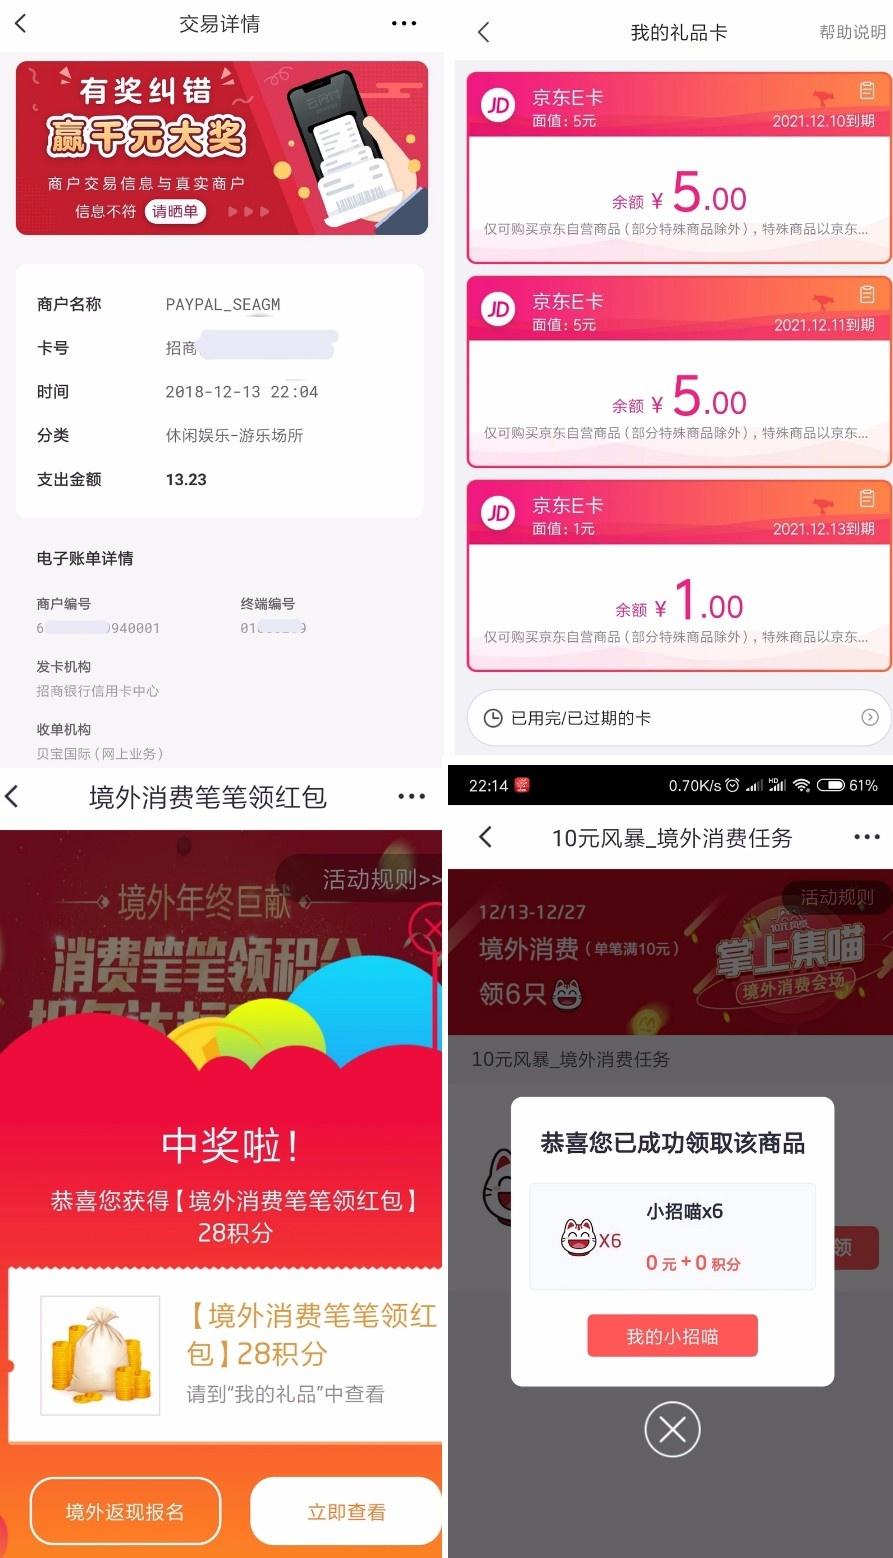 信用卡支付失败_【大路子】招行境外消费捐款方式,过程解析!-信用卡论坛